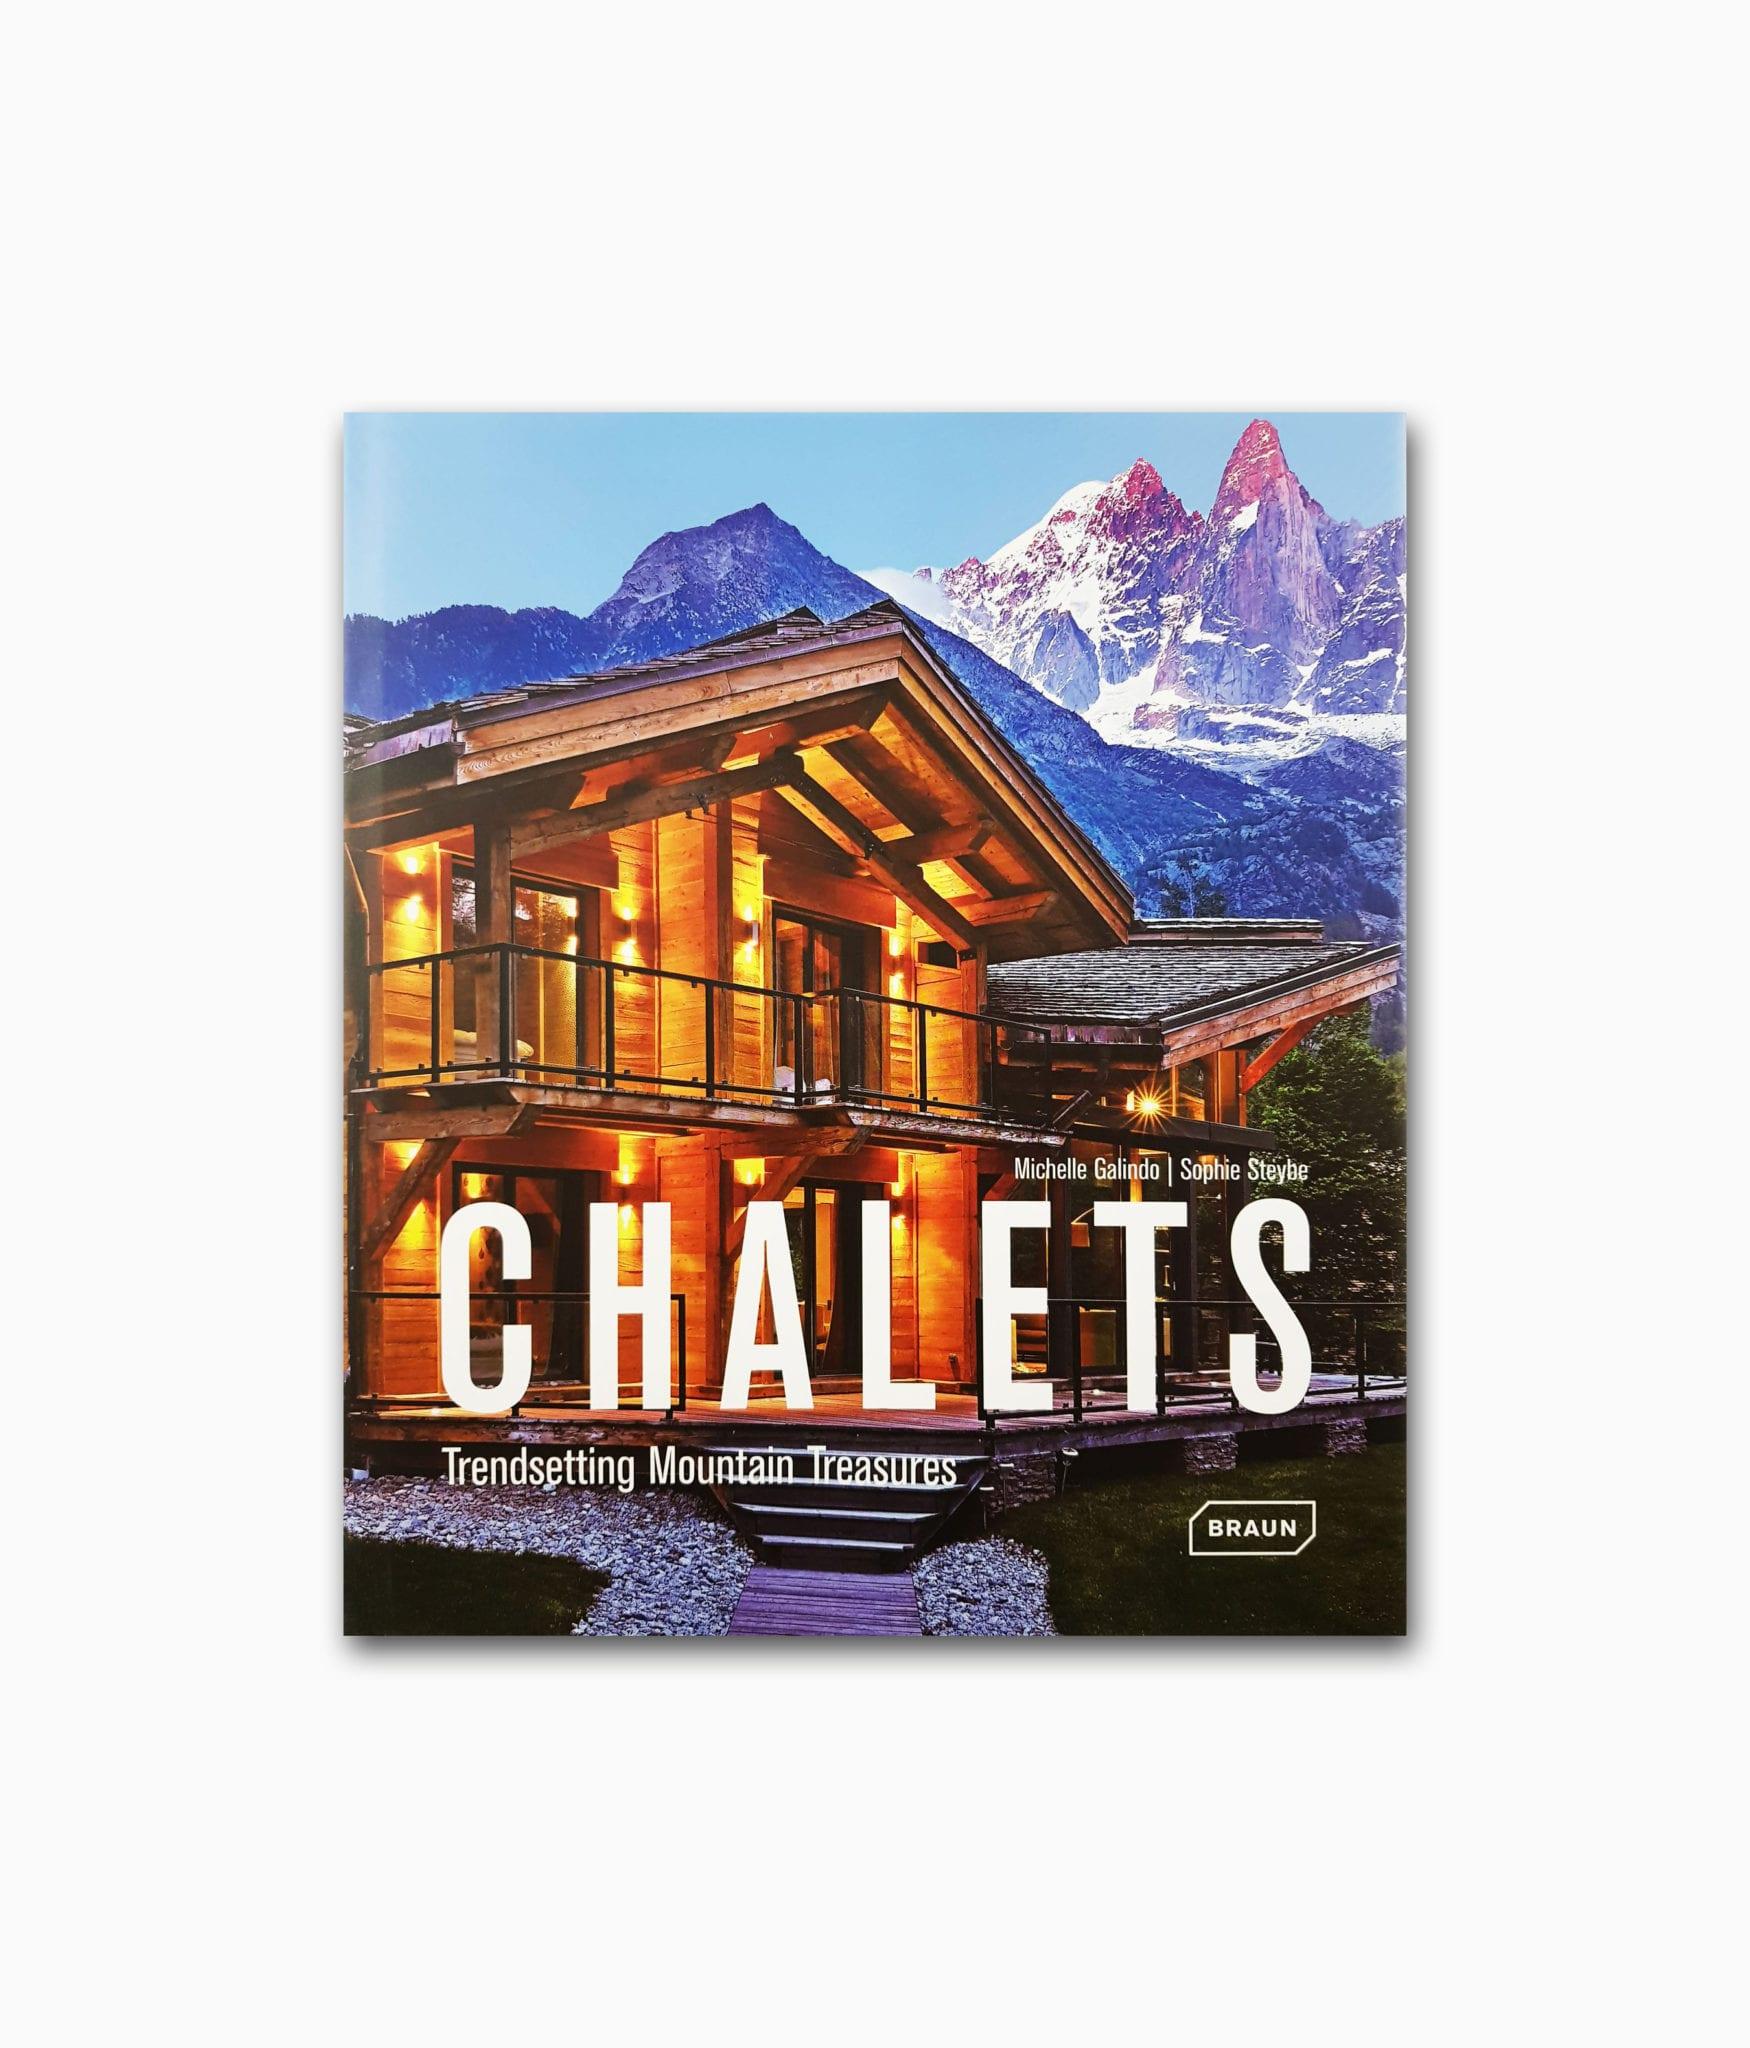 Buchcover des Architektur Bildbandes über Berge namens Chalets von Braun Publishing